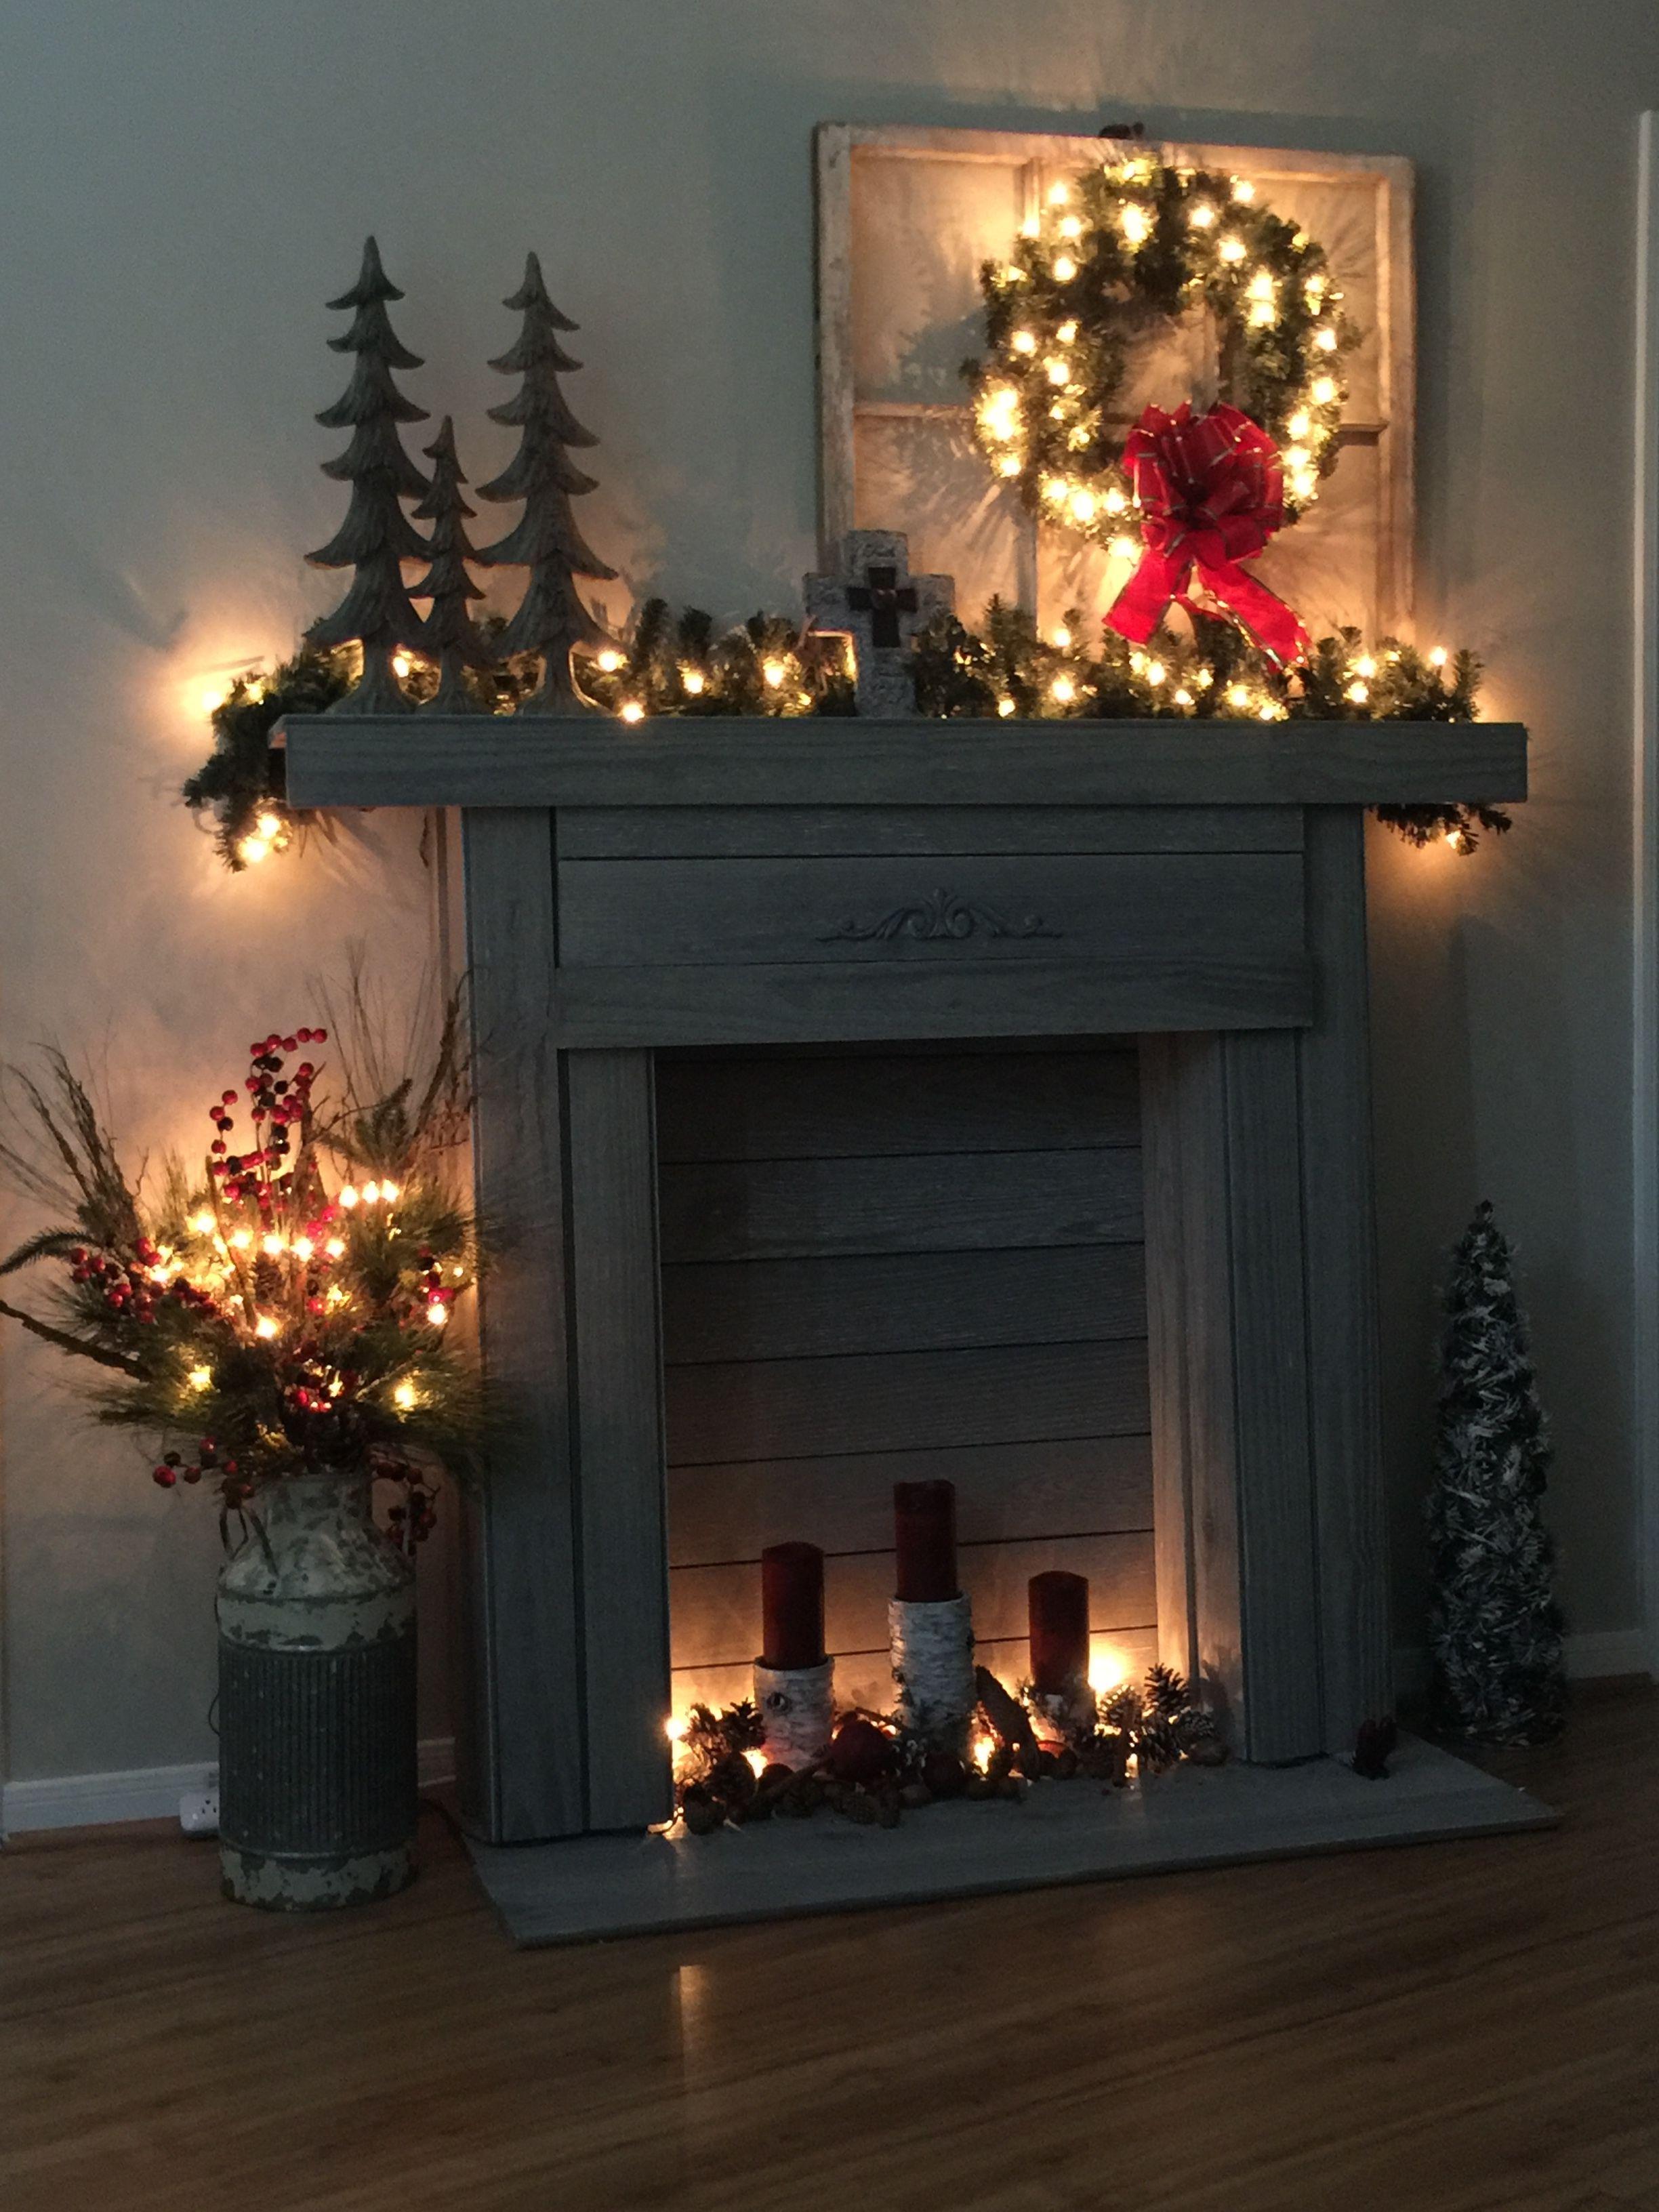 #decodenoel #xmas #noel #xmasdecor #christmasdecorideas #christmasdecor #bougies #canddles #lights #decorationdenoel #noelscandinave #noelsimple  #sapin #christmastree